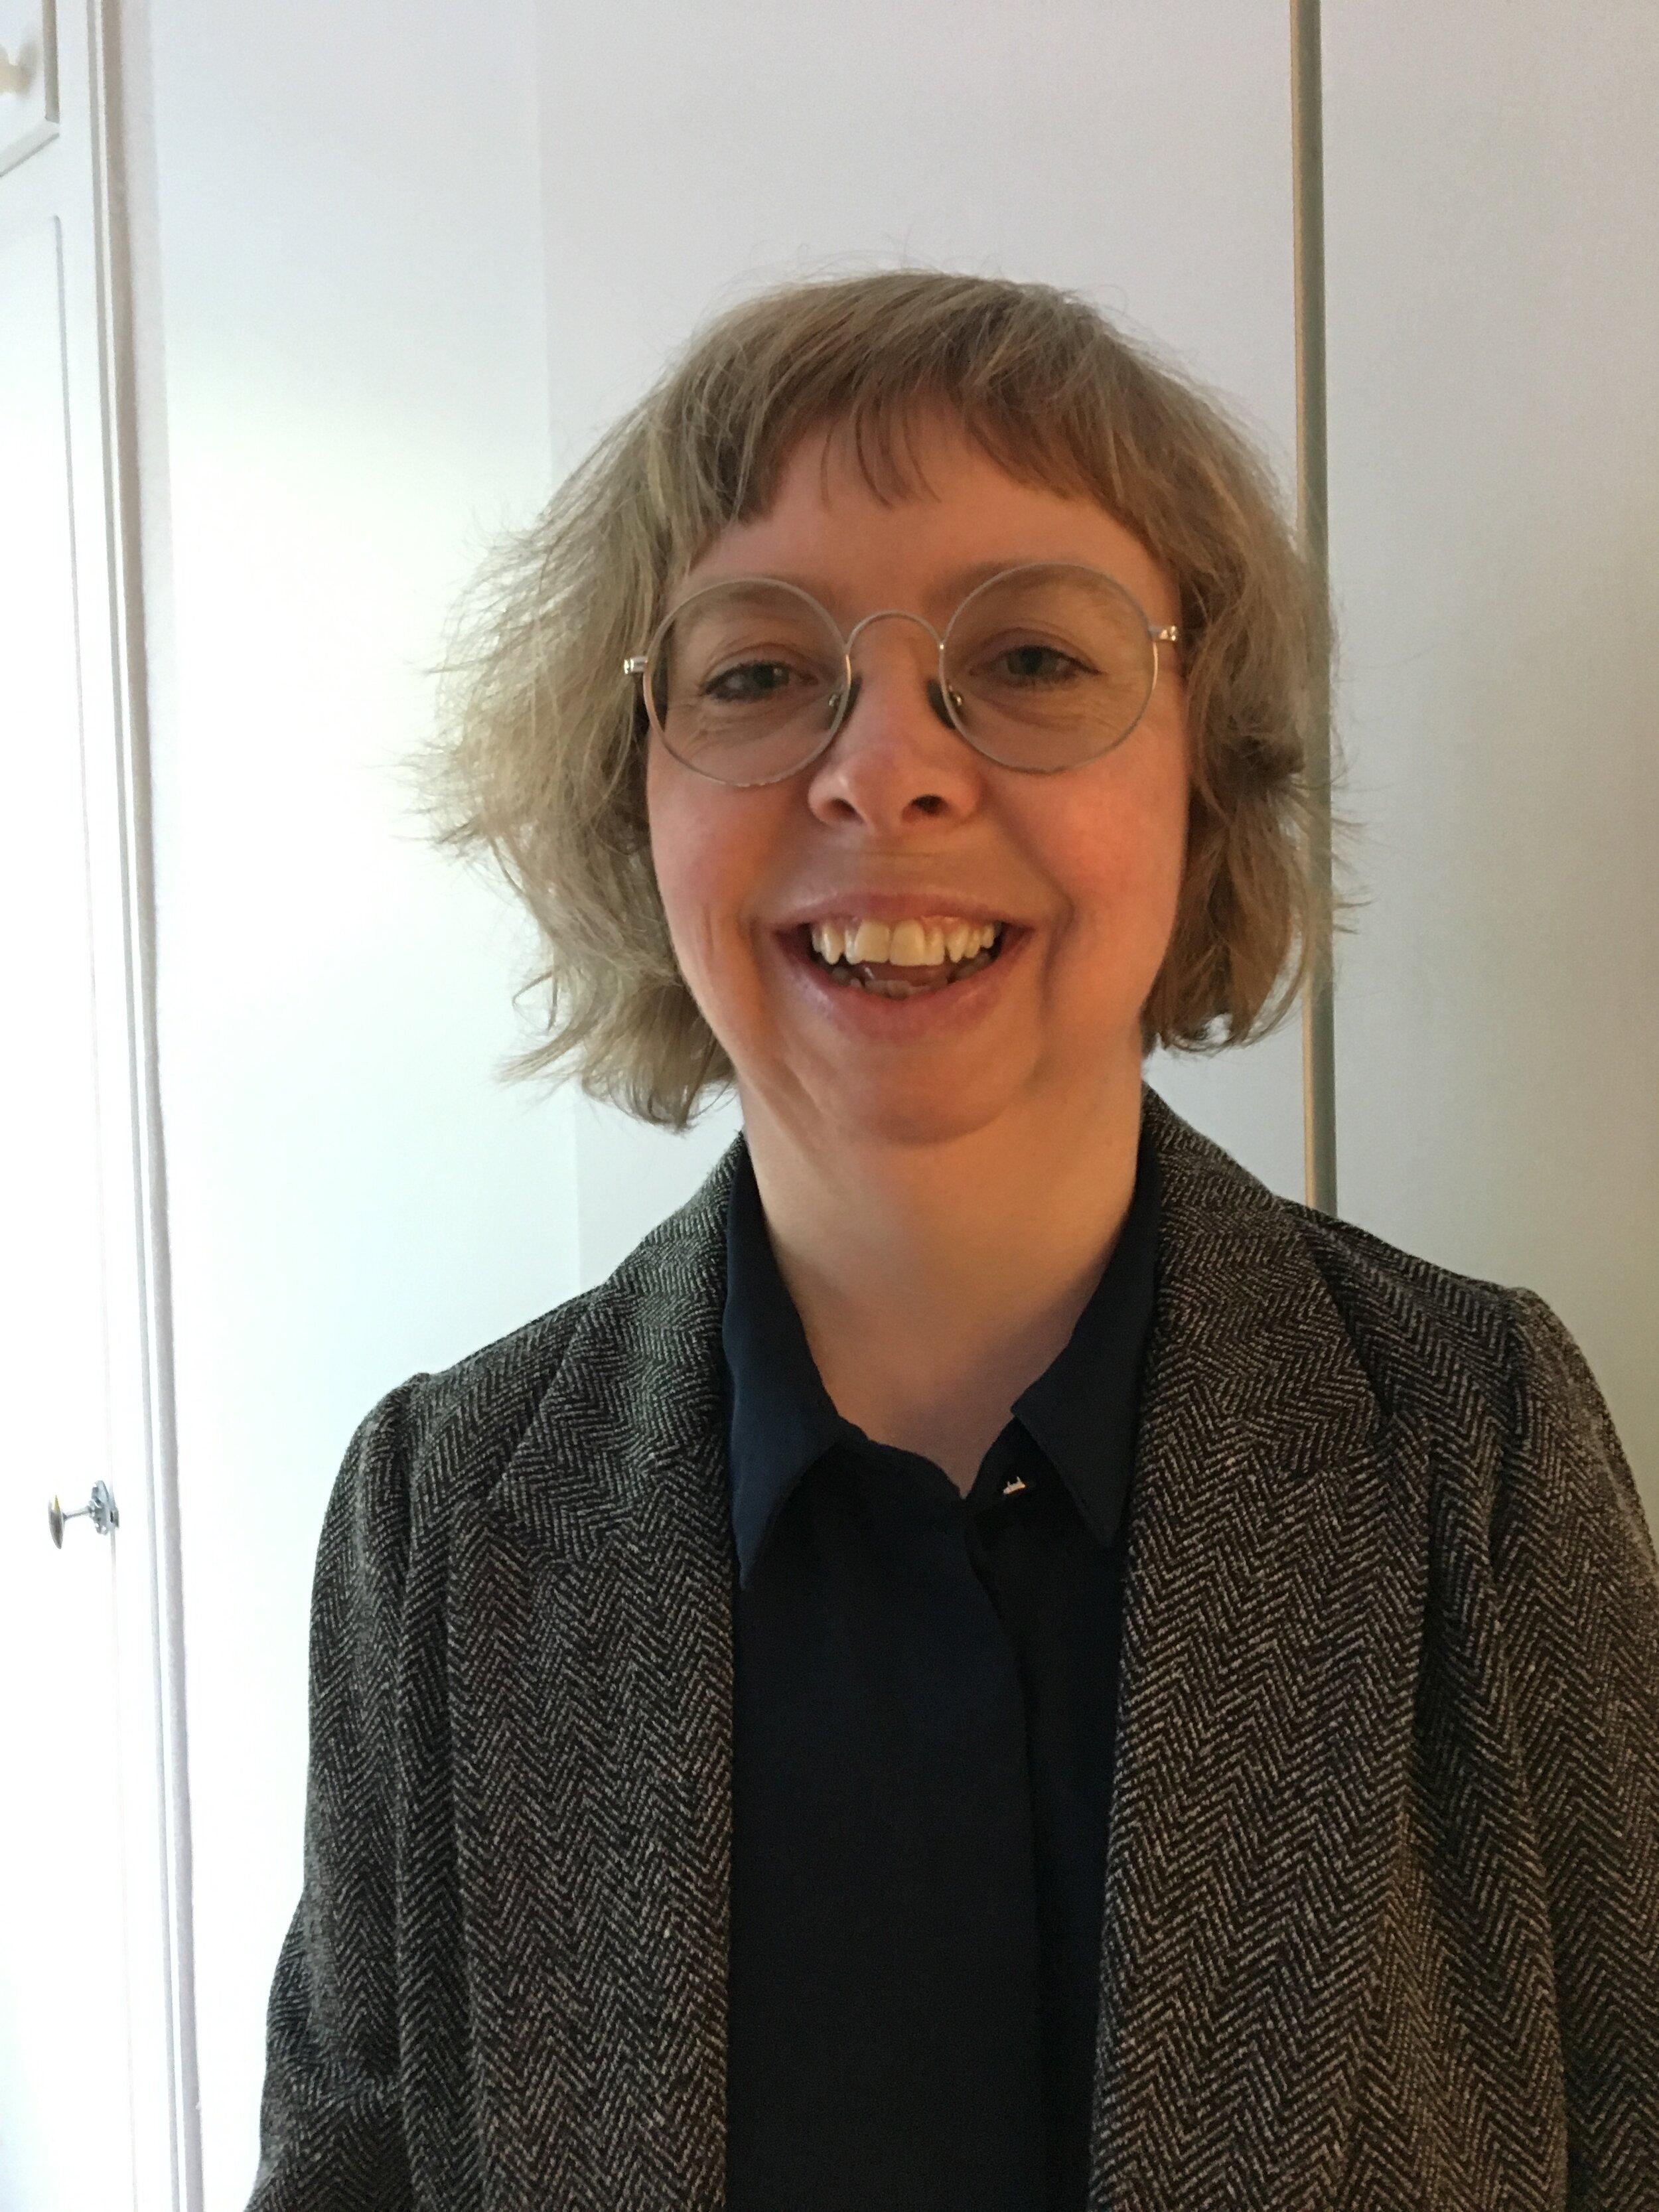 Malin Wänerlind är legitimerad psykoterapeut med inriktning psykodynamisk terapi.